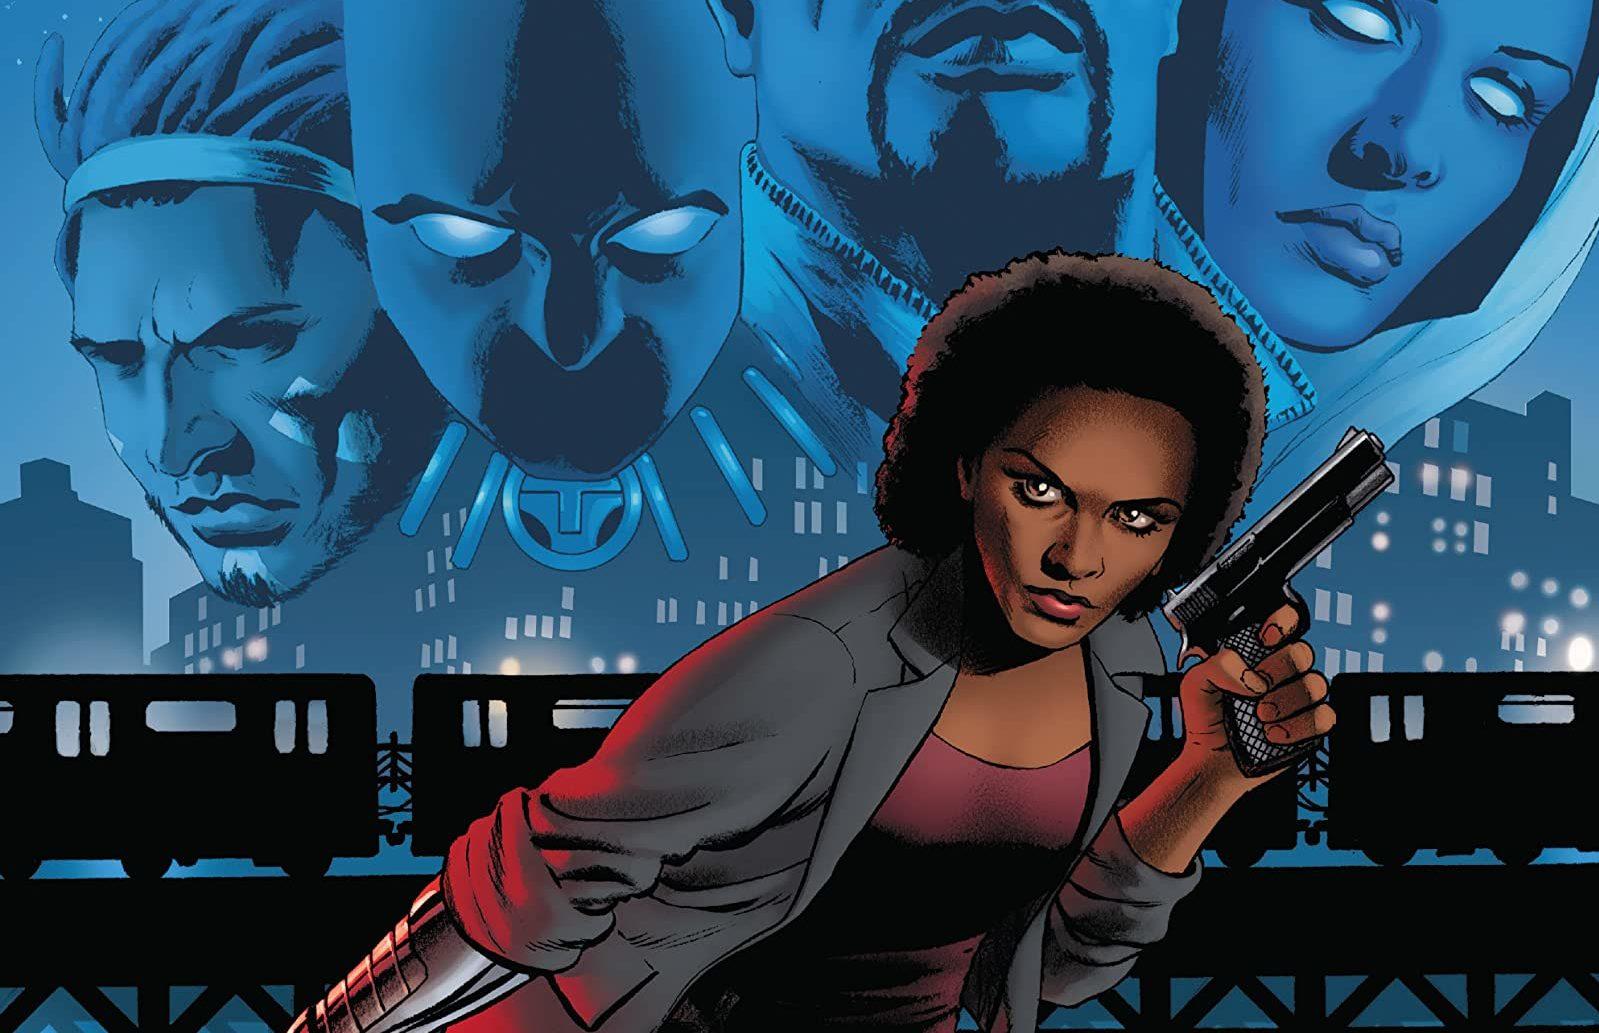 Marvel si unisce al #BlackLivesMatter e rilascia gratis fumetti di artisti neri